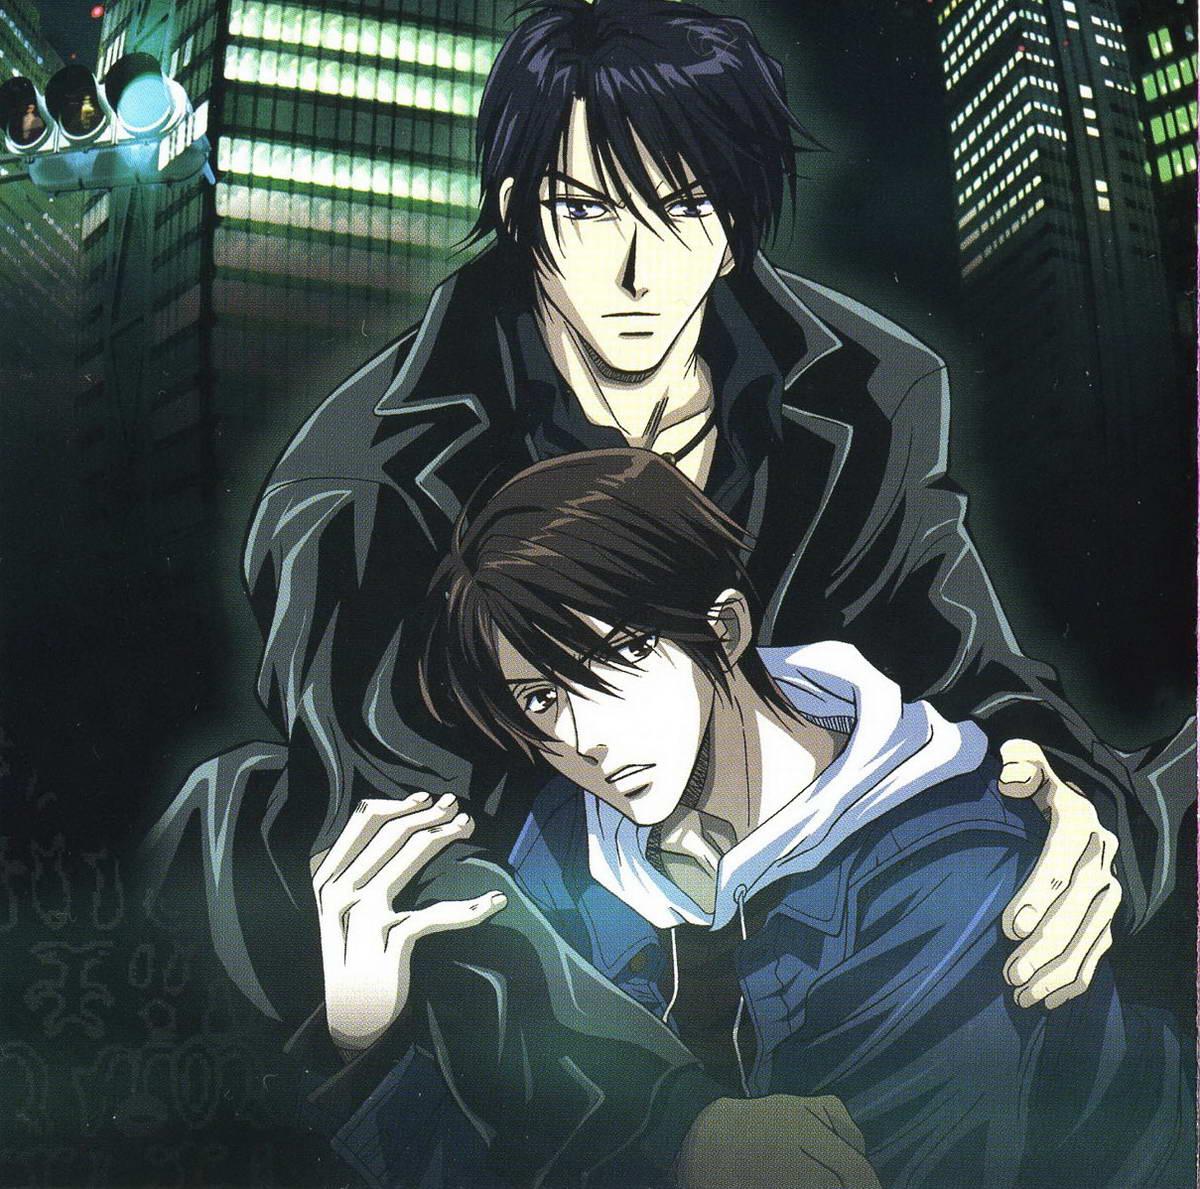 Night Head Genesis Zerochan Anime Image Board